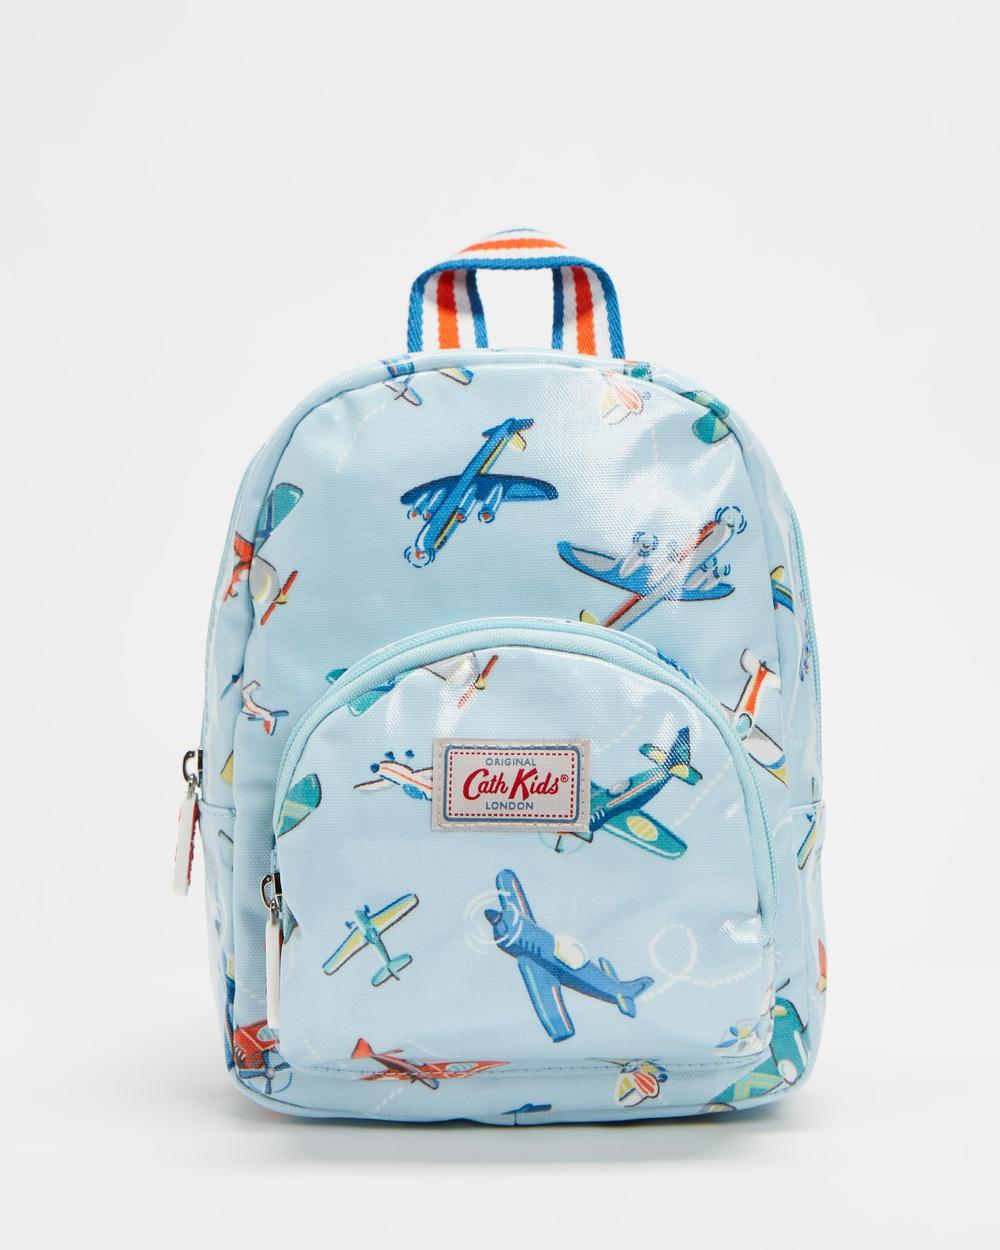 Cath Kidston Mini Rucksack OC Kids Backpacks Airshow